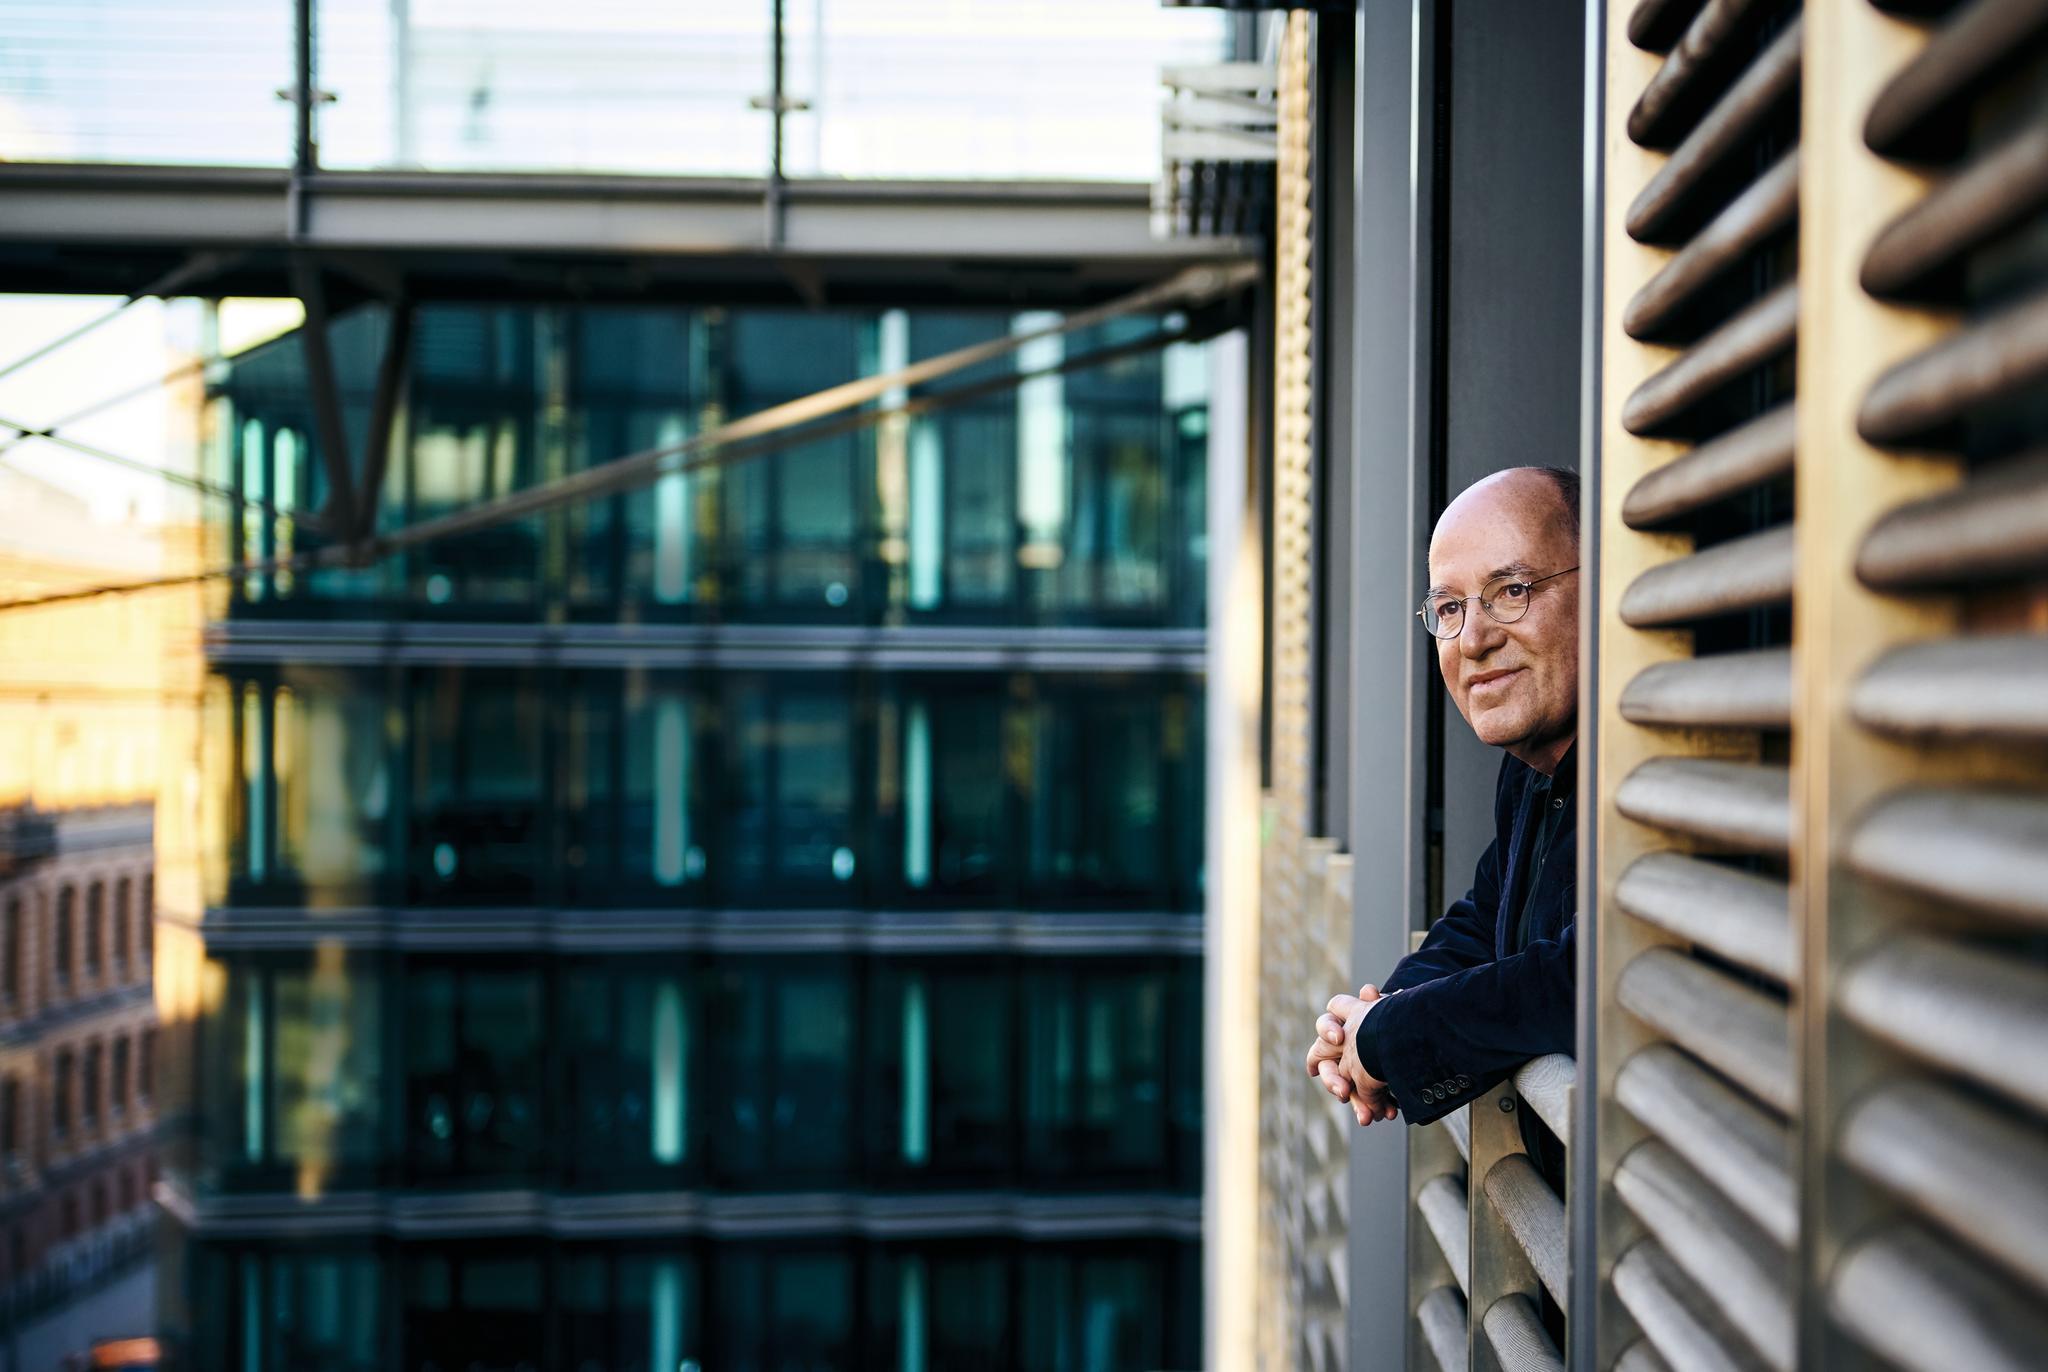 Anwalt und Politiker: Gregor Gysi über 70 Jahre Bundesrepublik und sein Leben vor, nach und mit der Einheit